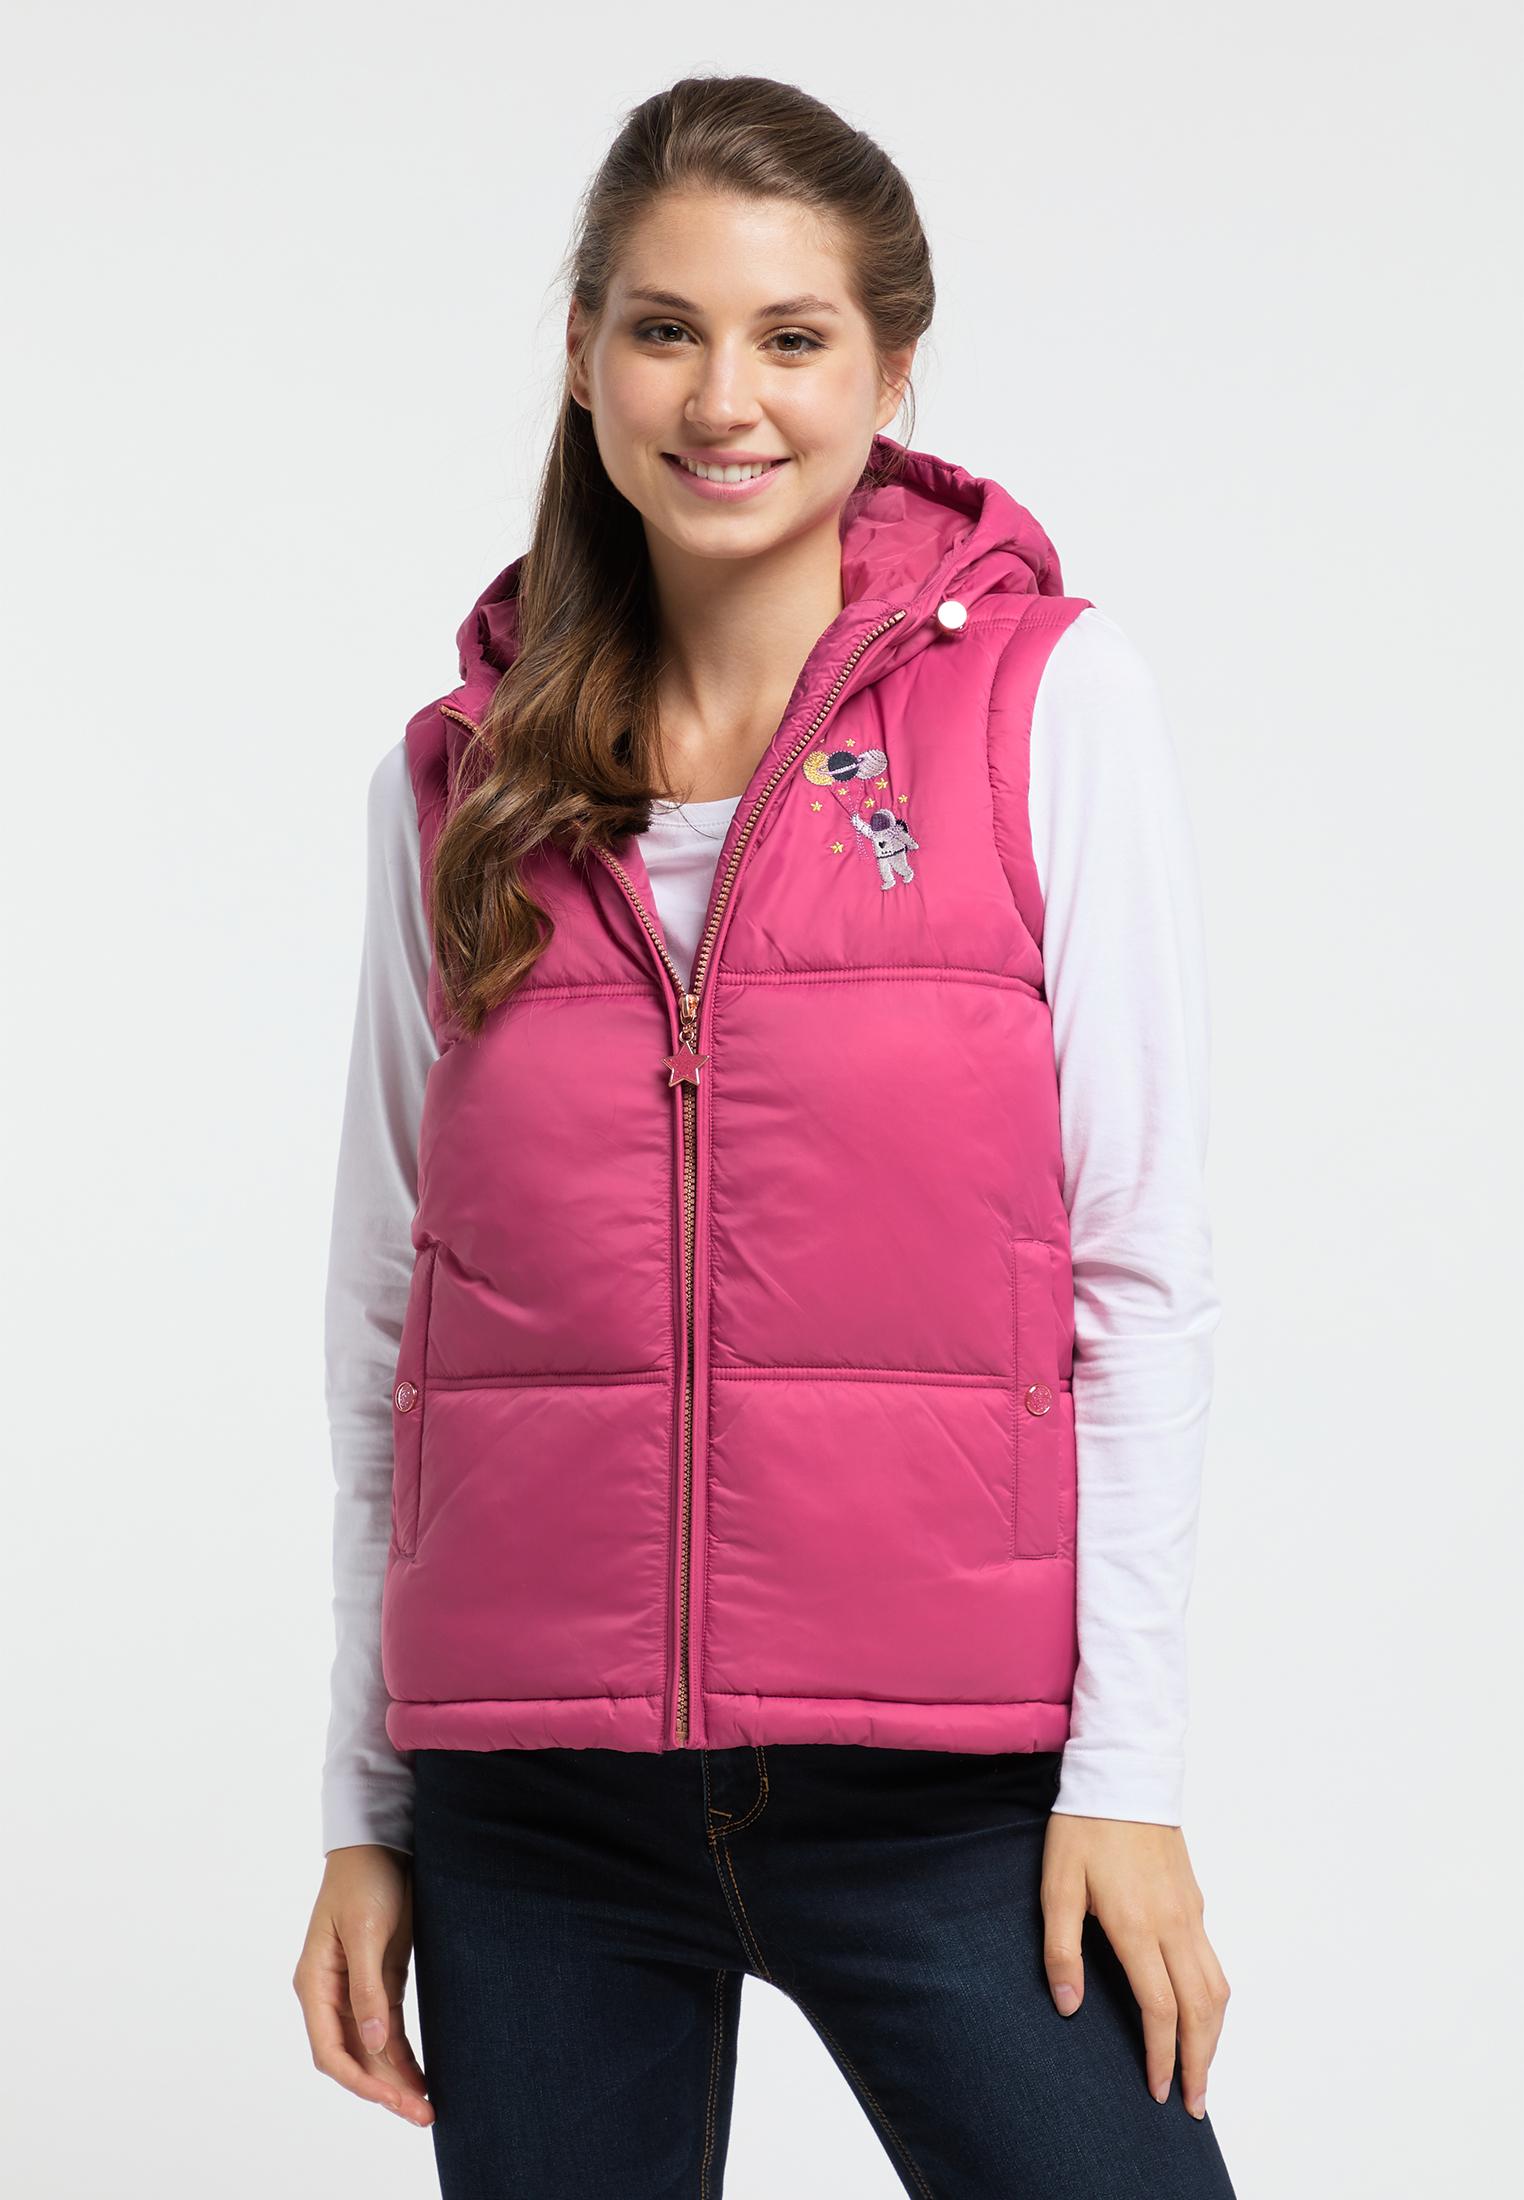 MyMo Weste in rosa günstig kaufen